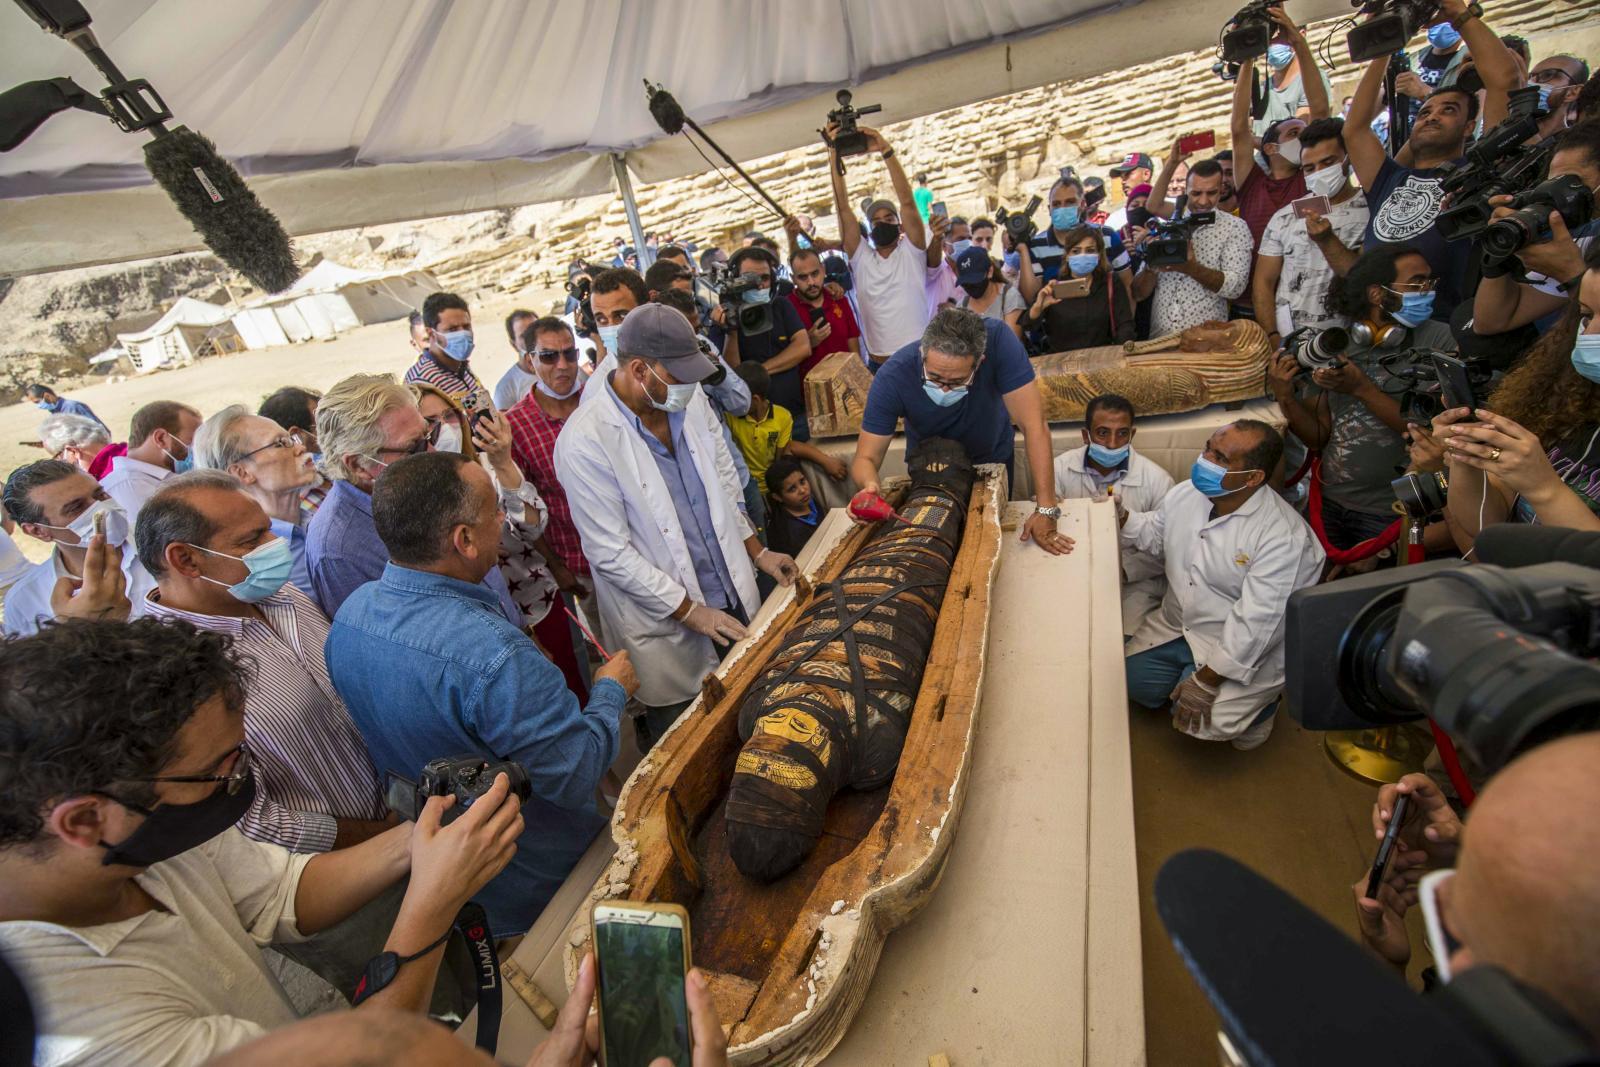 สภาพมัมมี่โบราณ หลังรัฐบาลอียิปต์เปิดหนึ่งใน 59 โลงศพอายุ 2,500 ปี